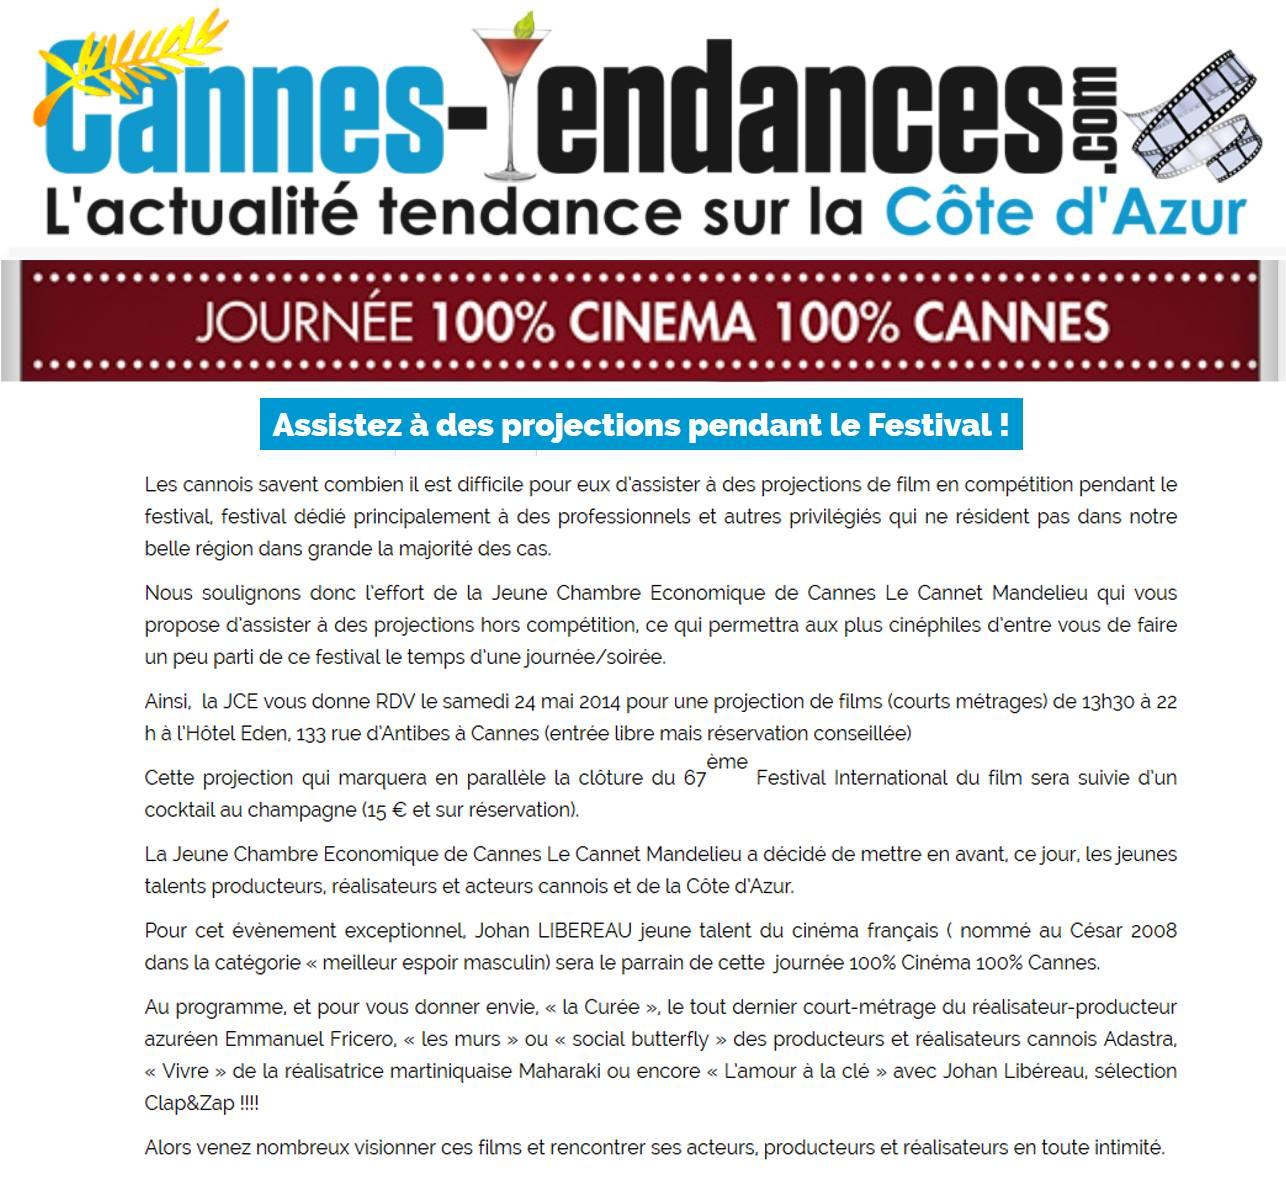 Cannes Tendances